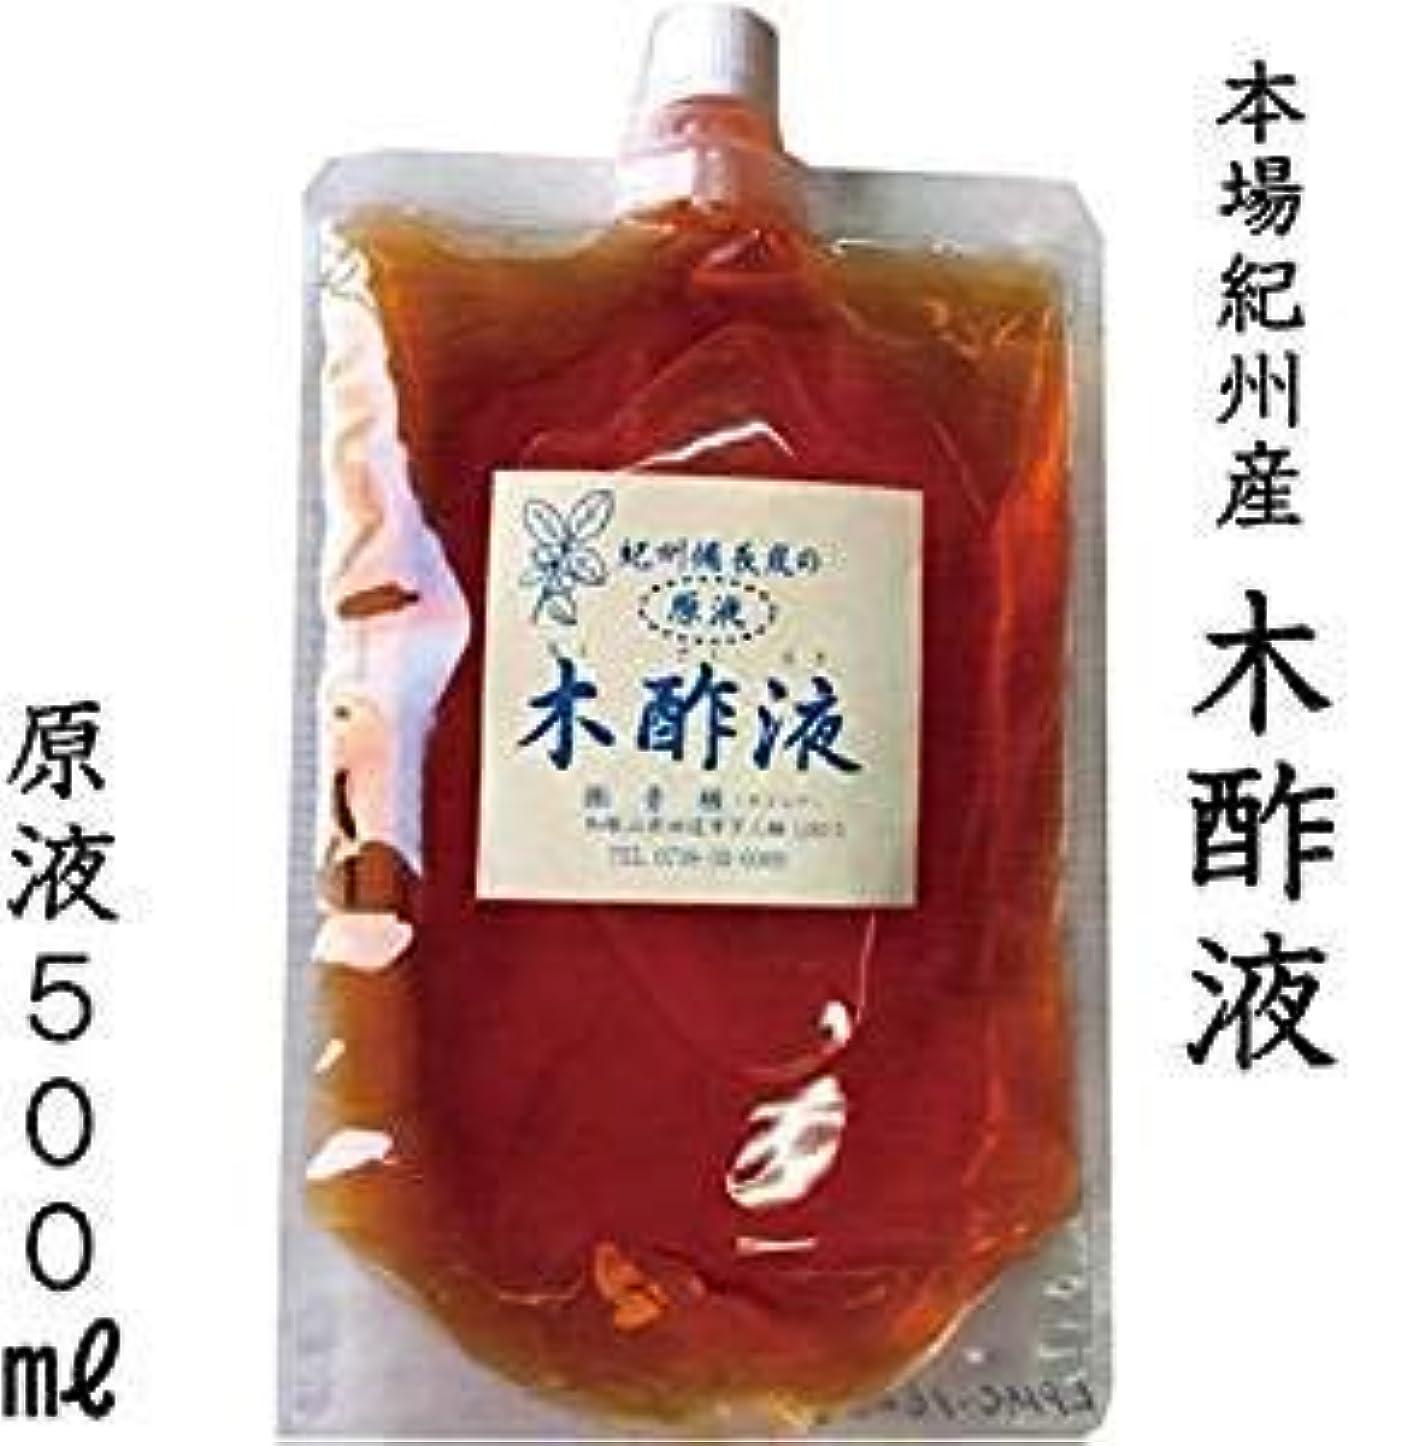 スピンネックレスメモ紀州備長炭 木酢液 原液 入浴 お風呂用 (500ml×1個) 木酢